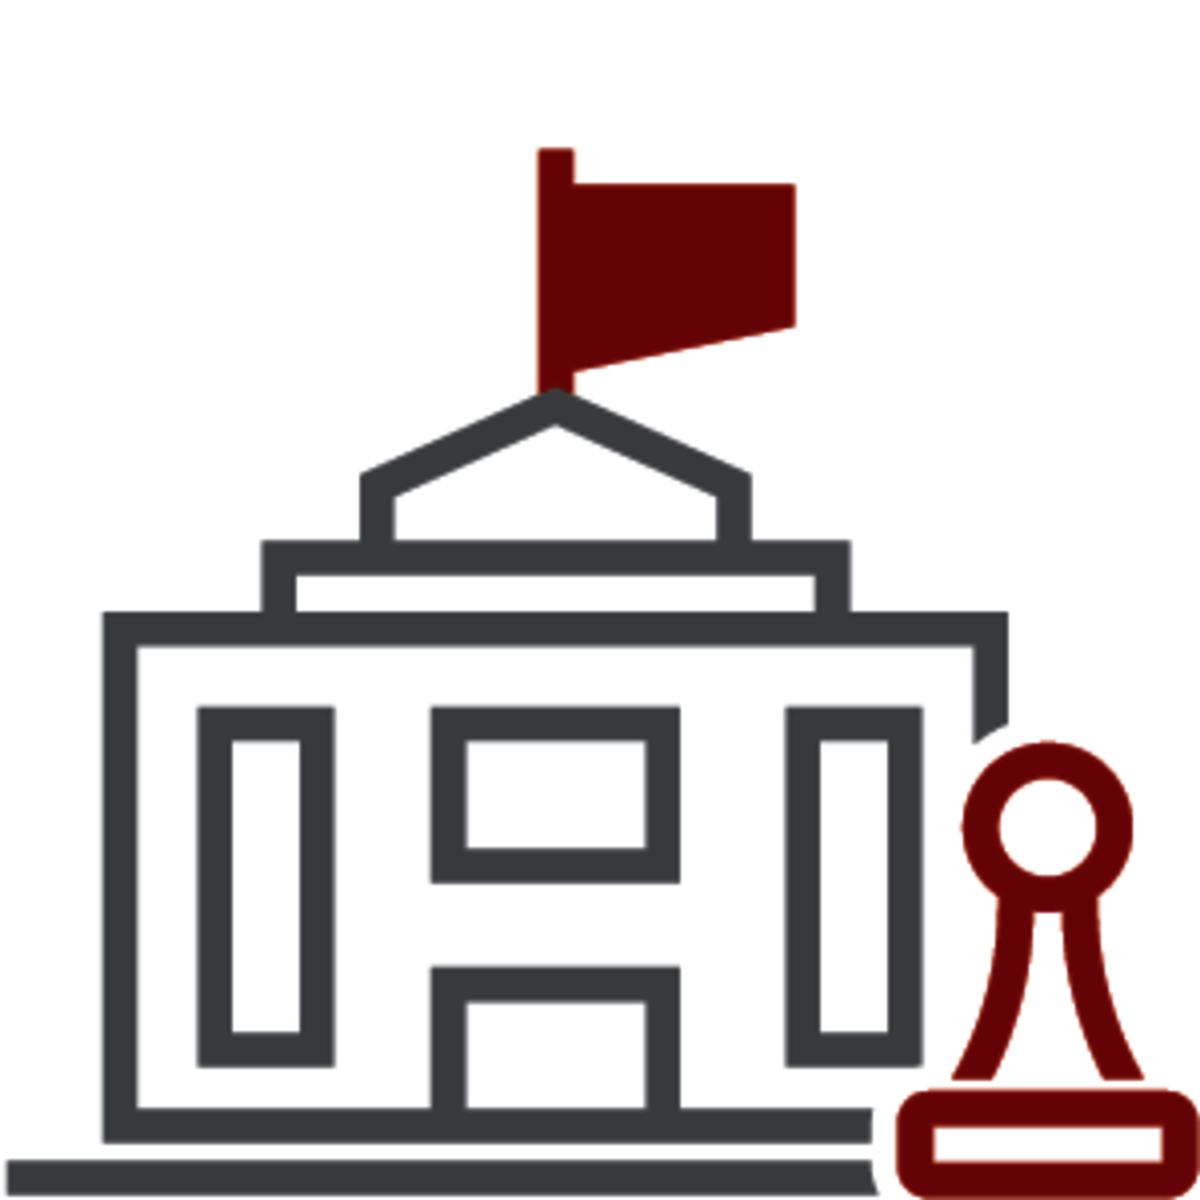 LT Lawtank - Traducciones certificadas - Cancillería de estado cantonal